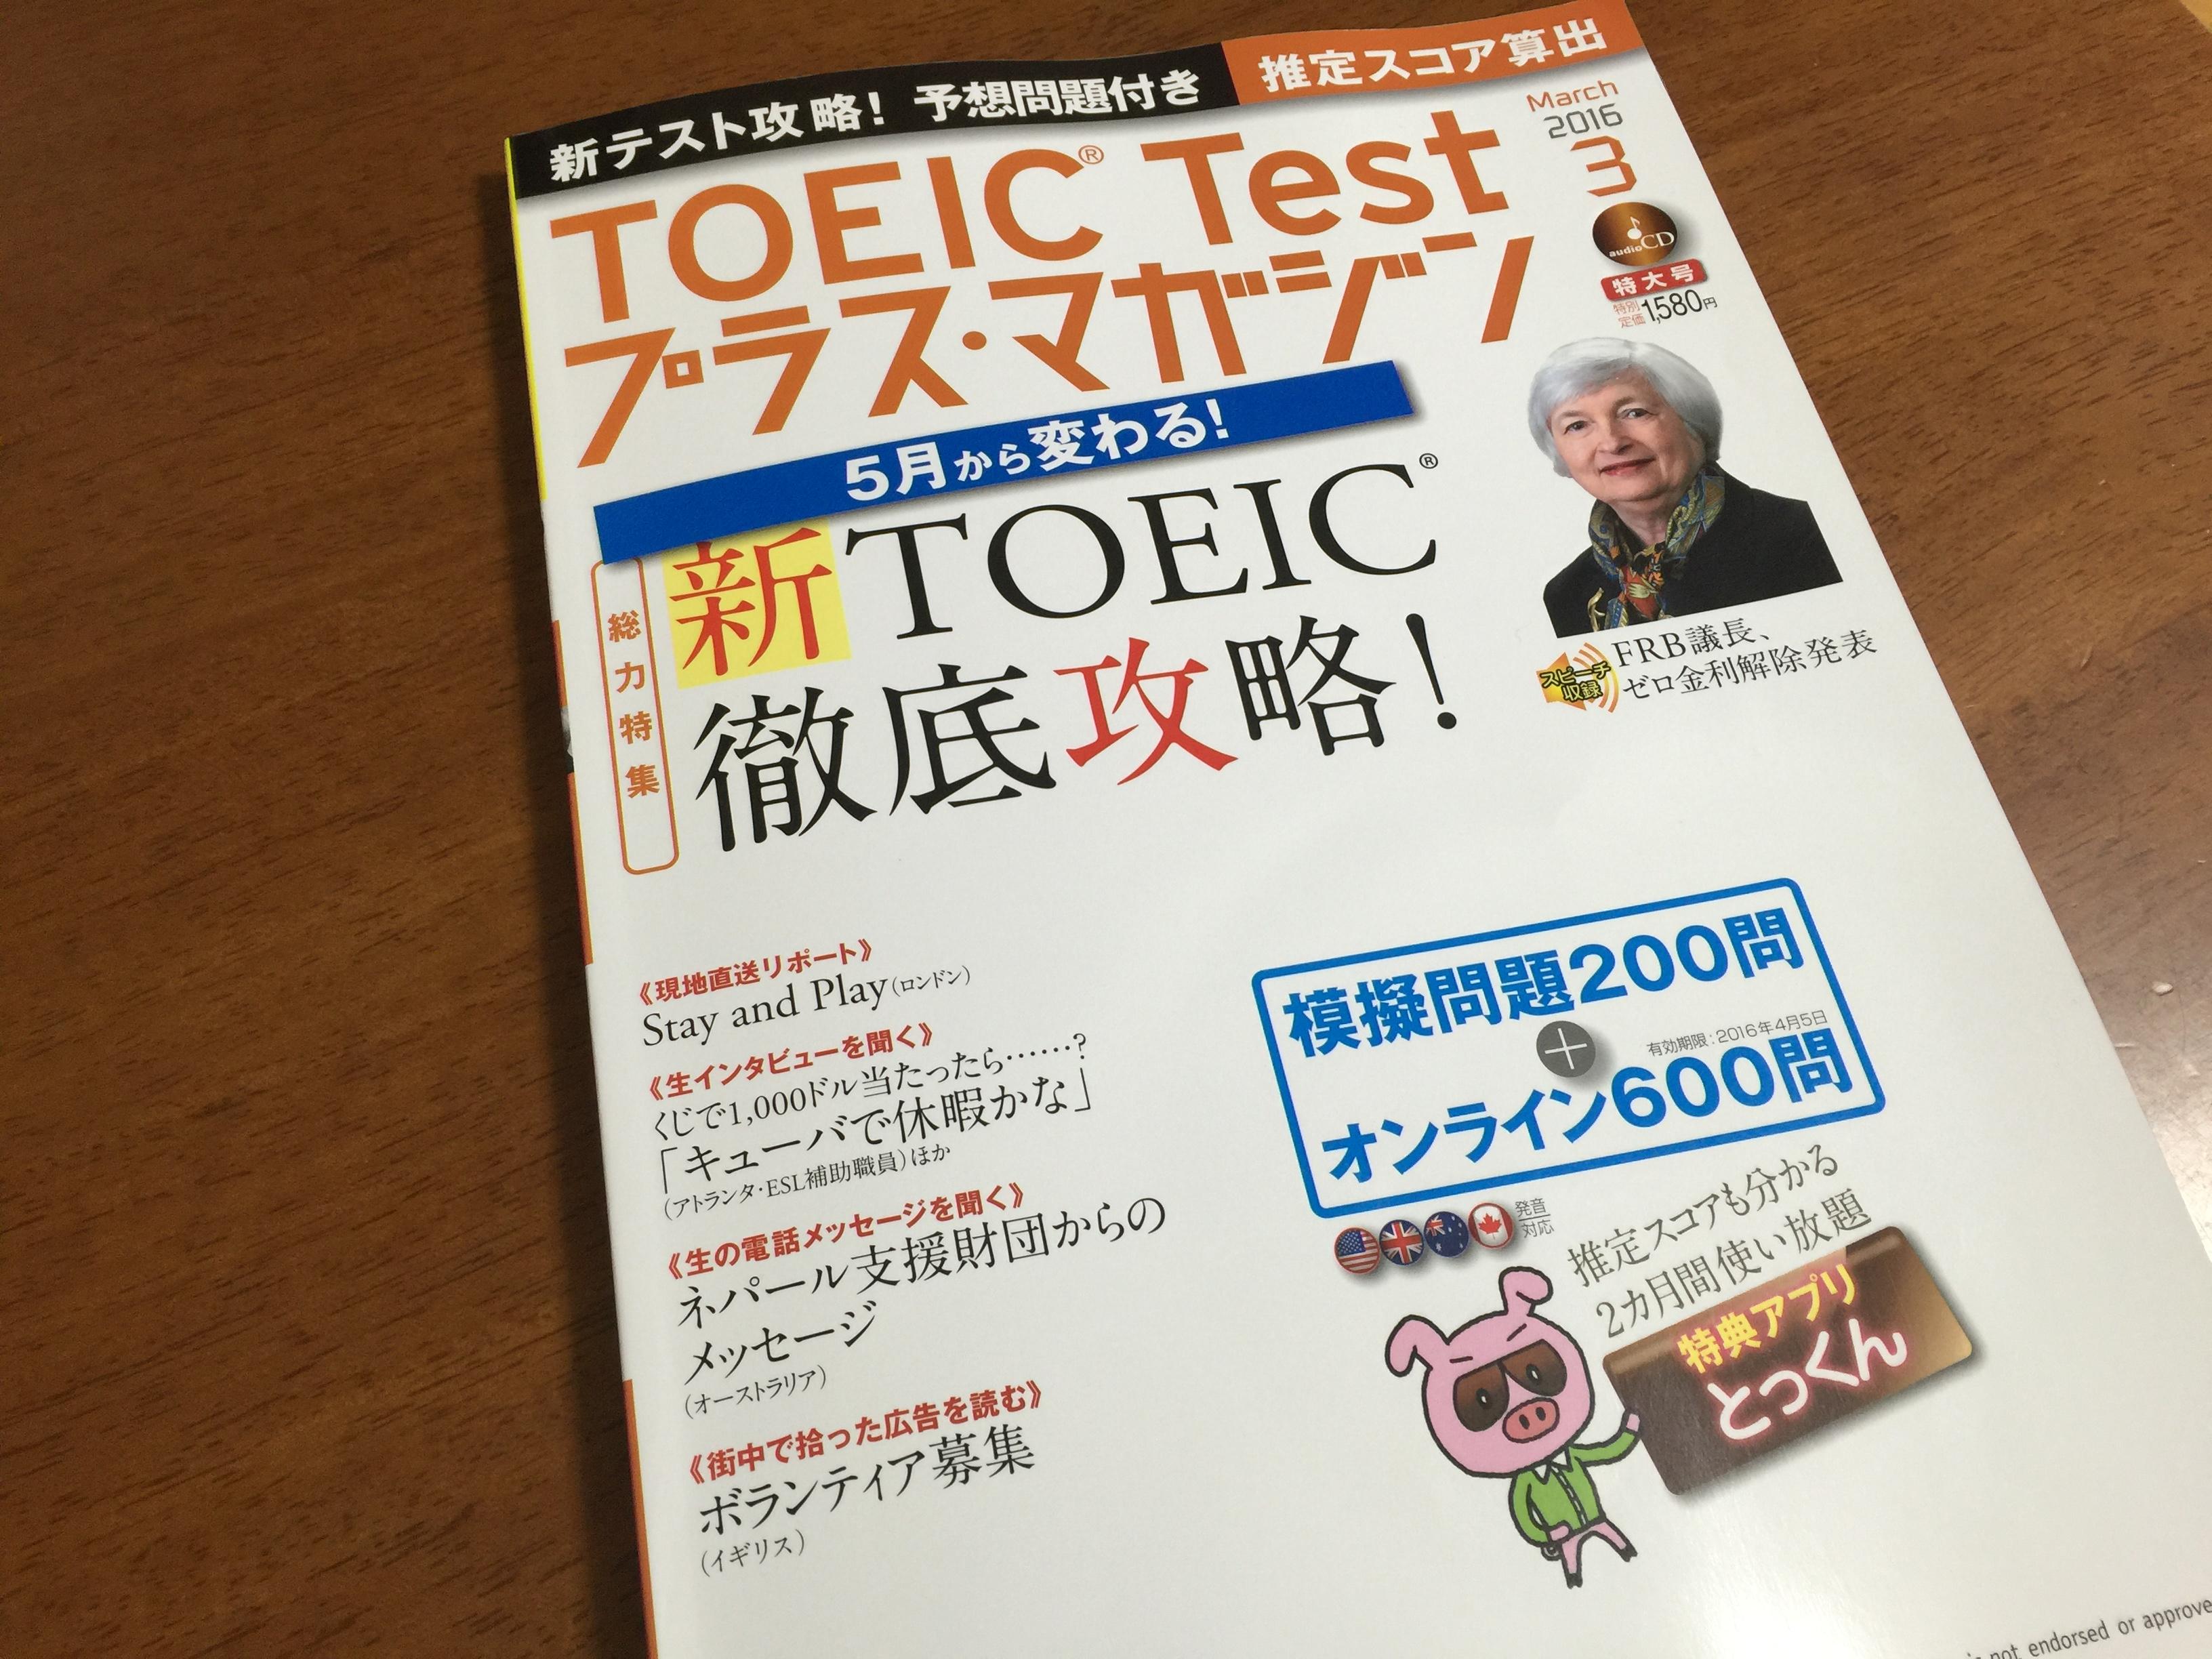 「TOEIC TEST プラス・マガジン 新TOEIC徹底攻略!」の感想・レビュー